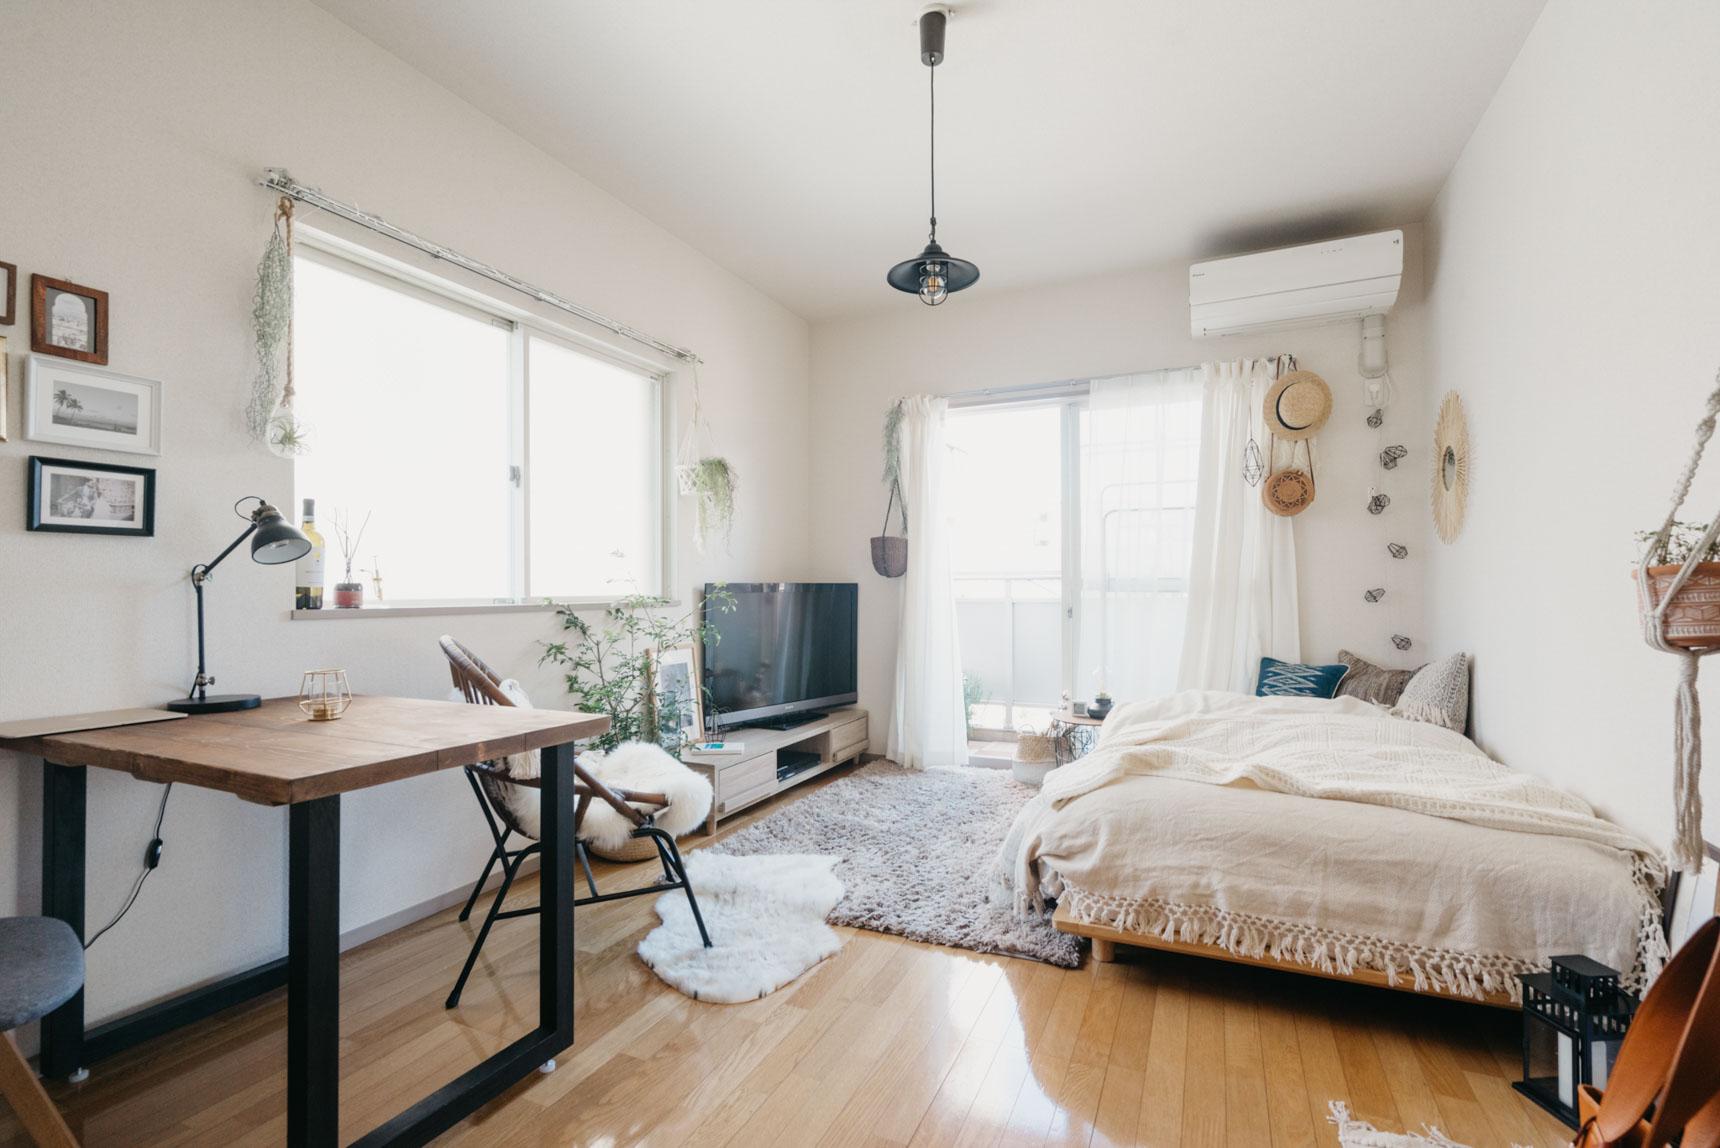 一人暮らしのワンルームでも、ローテーブルは置かず、ダイニングテーブルを中心に生活するのも良いです。